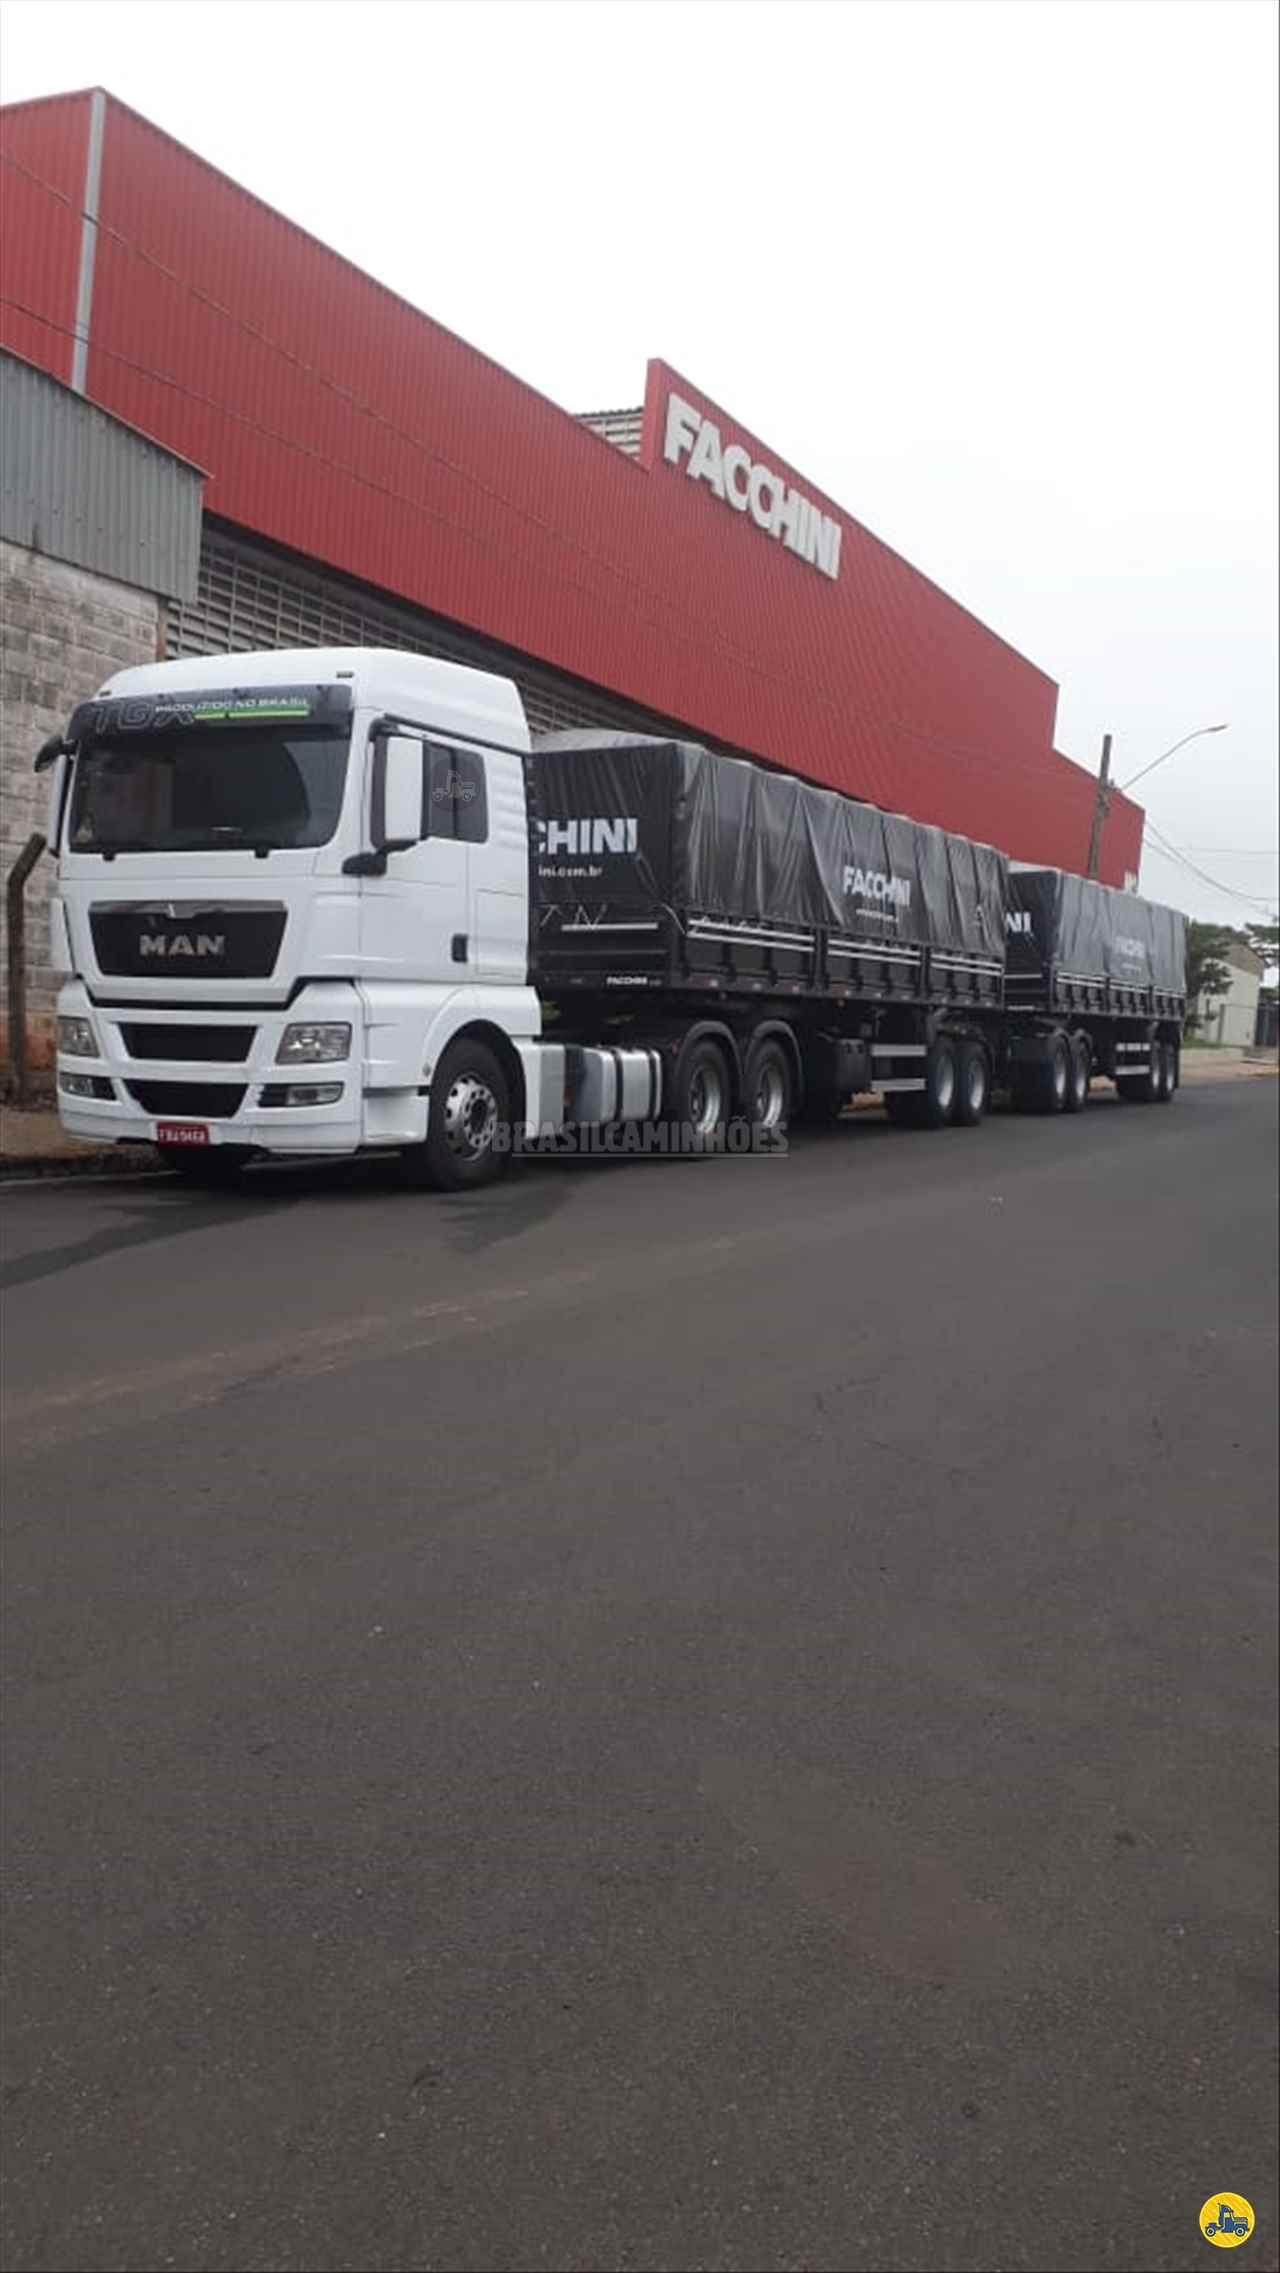 CAMINHAO MAN TGX 29 440 Carga Seca Traçado 6x4 Brasil Caminhões Sinop SINOP MATO GROSSO MT